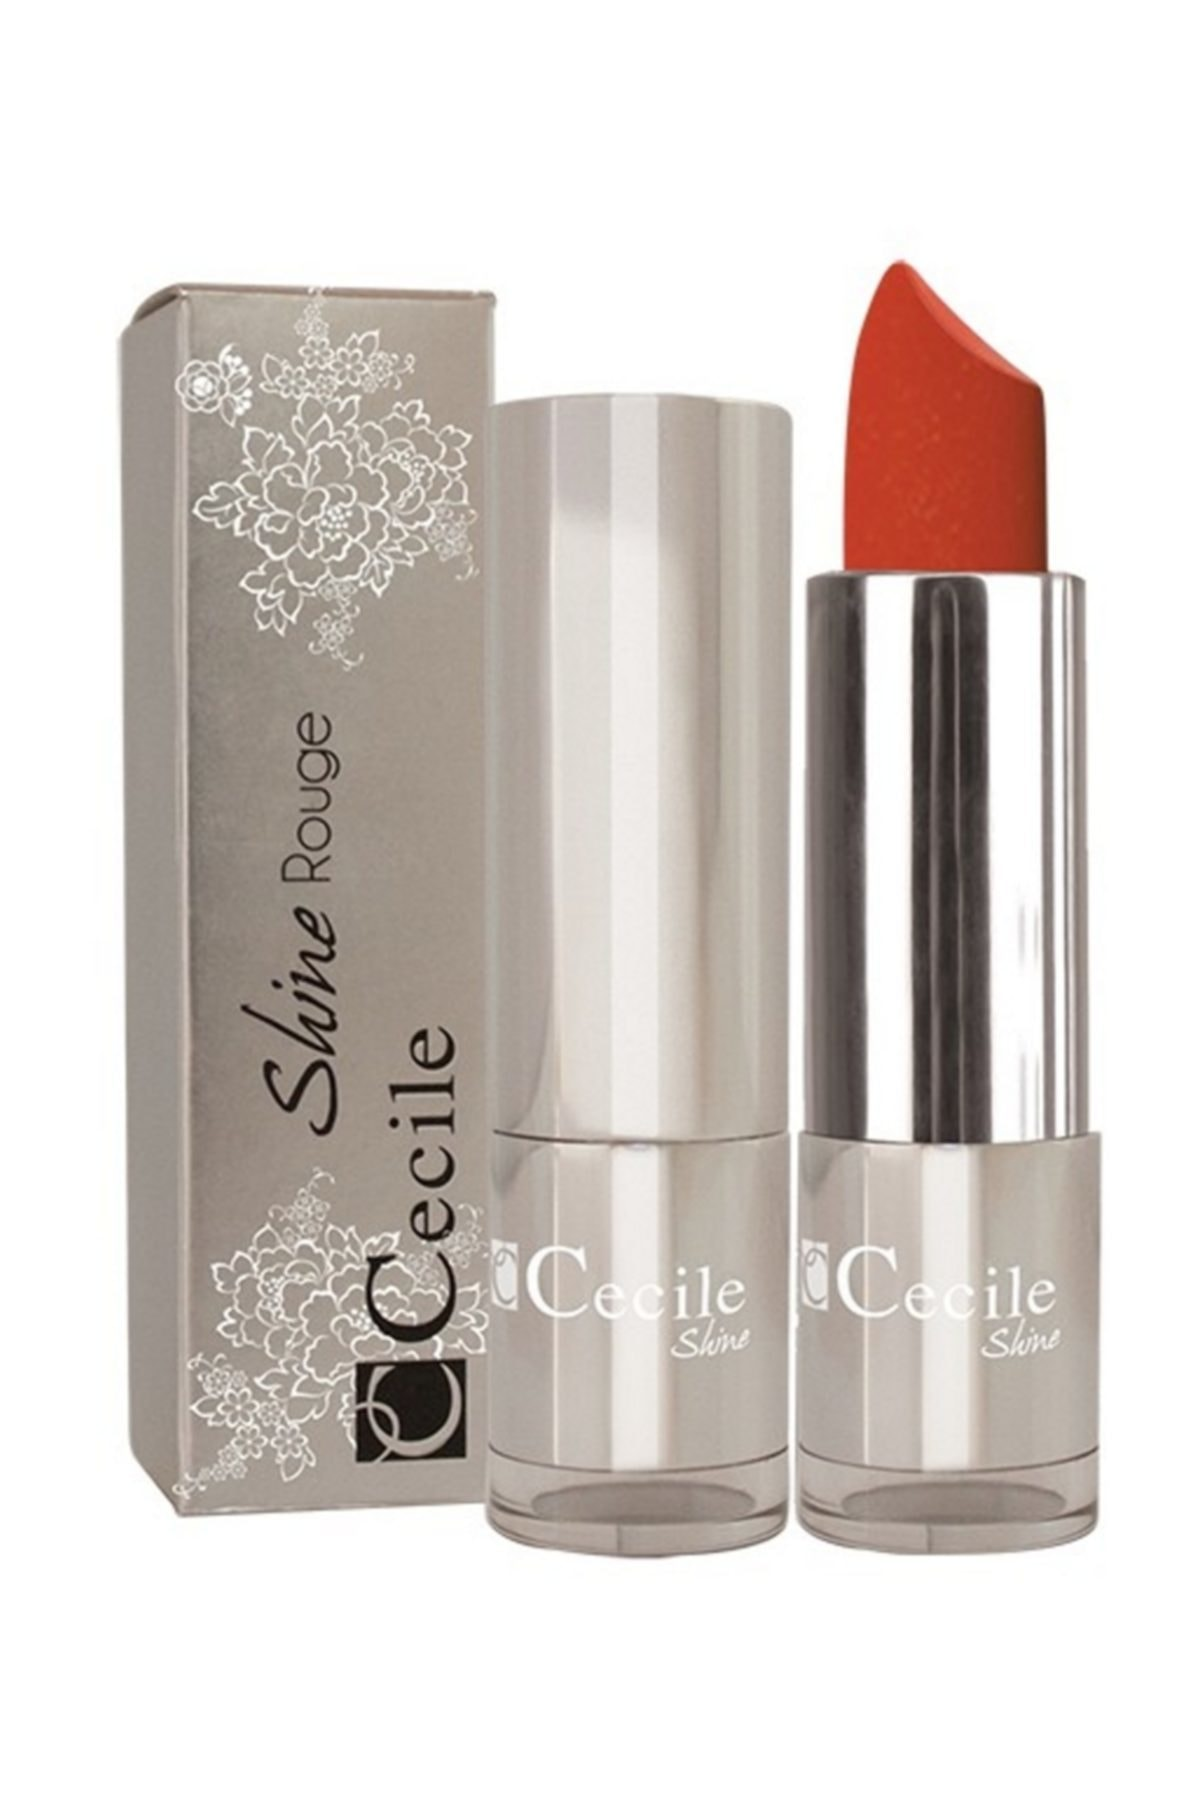 Cecile Shine Ruj 05 1